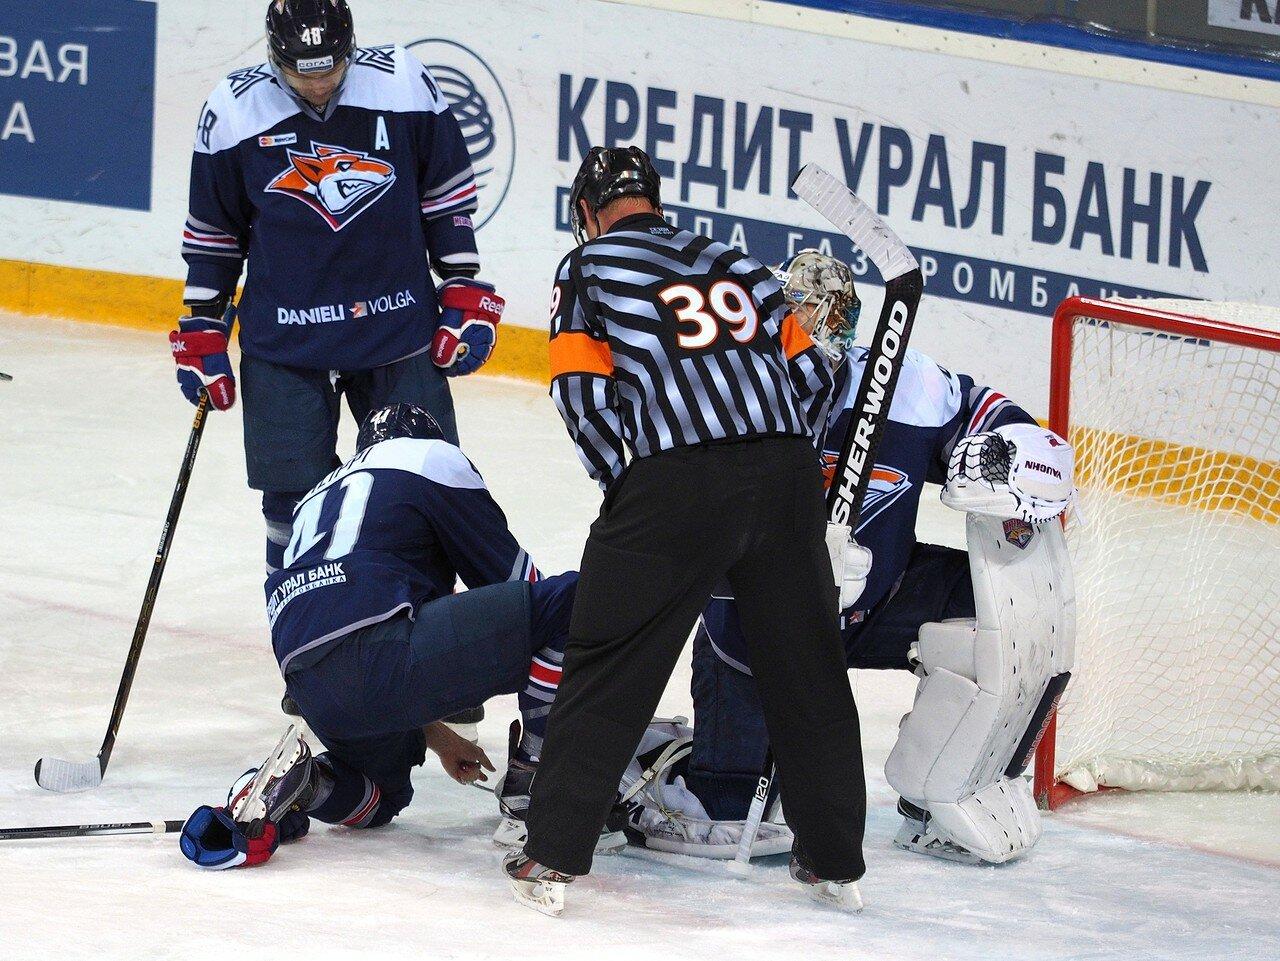 85Металлург - Металлург Новокузнецк 26.10.2016